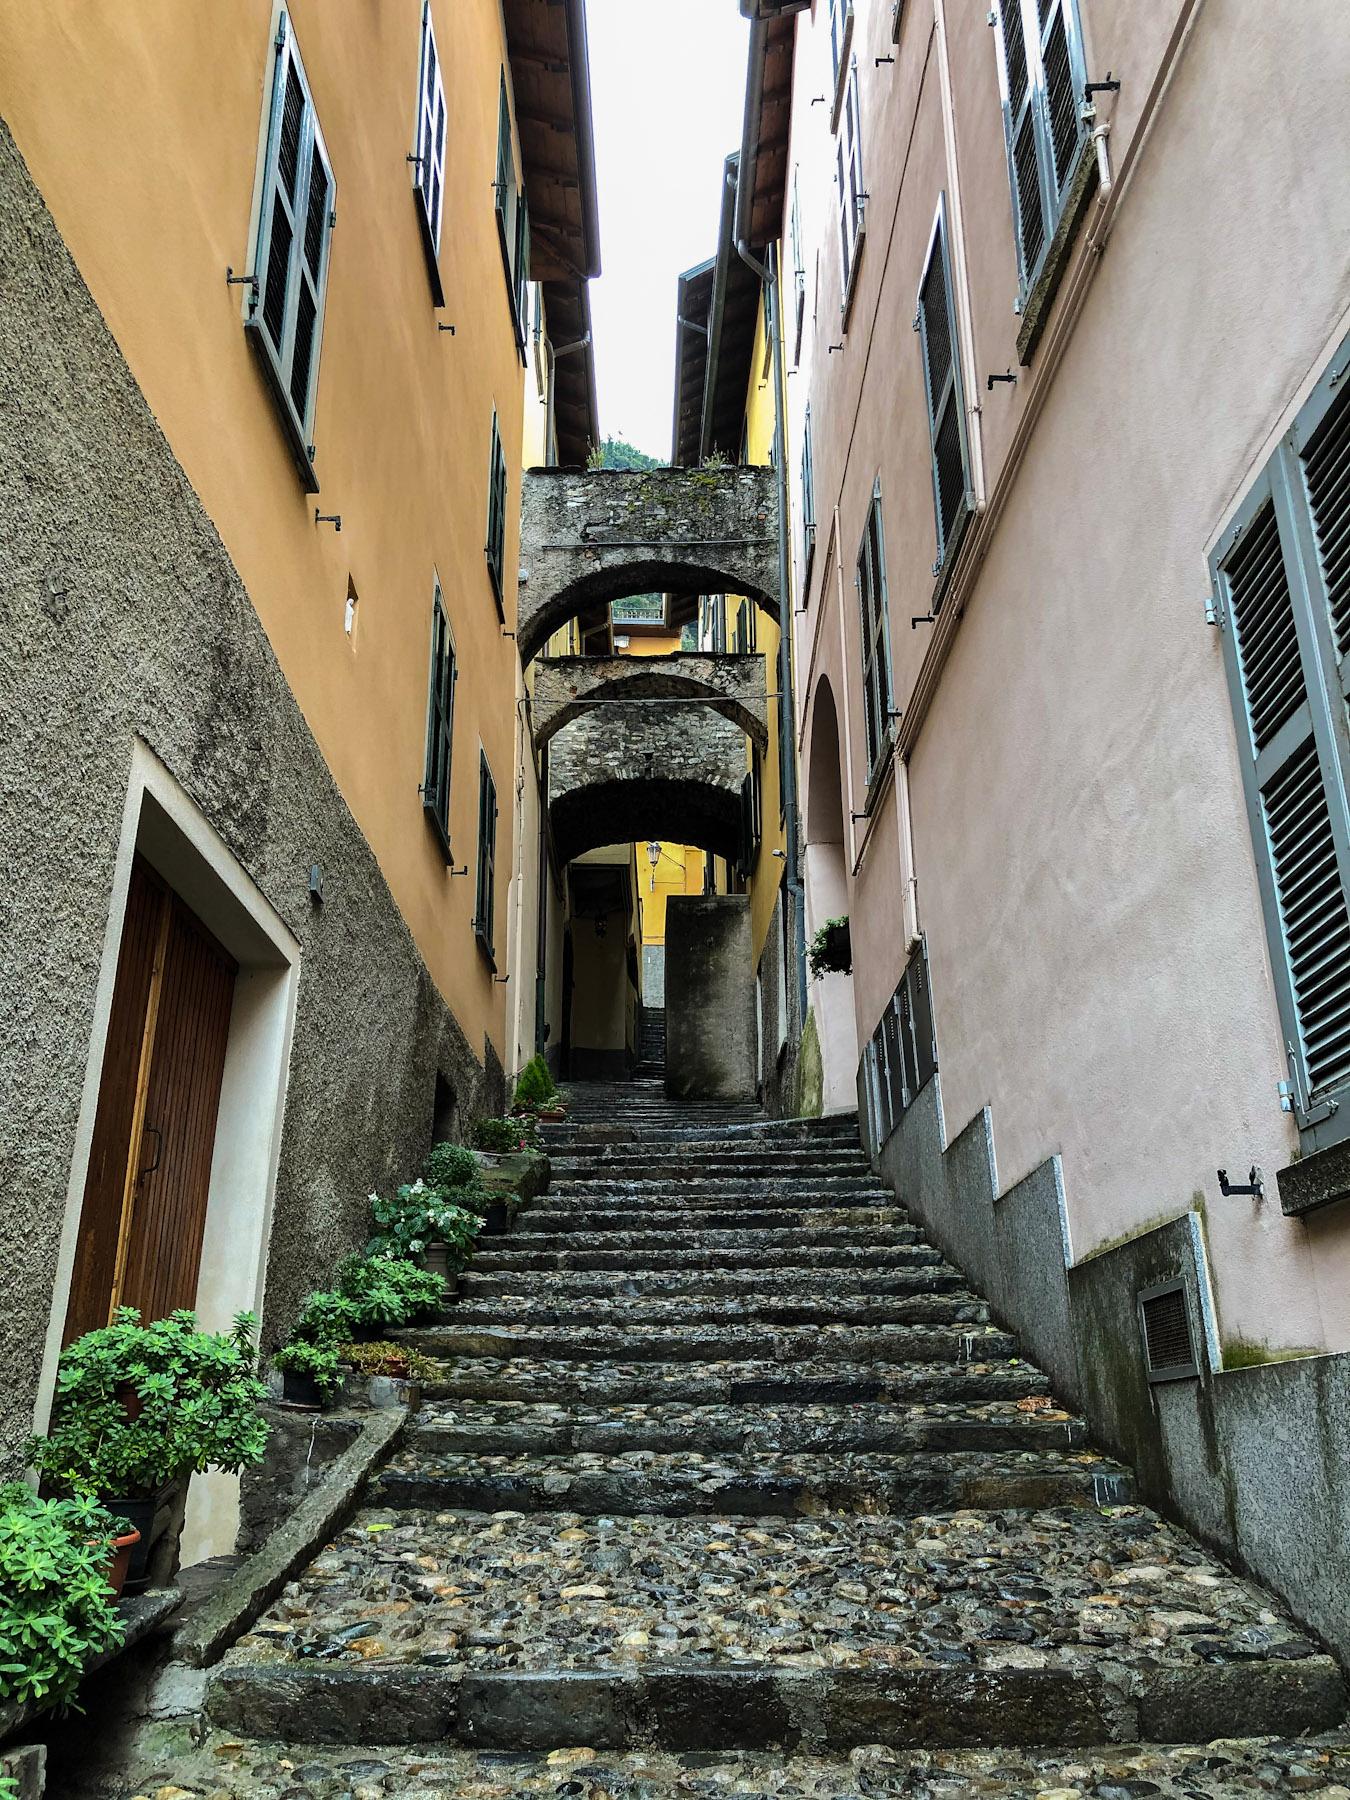 Contrada dell'Arco, Varenna, Italy